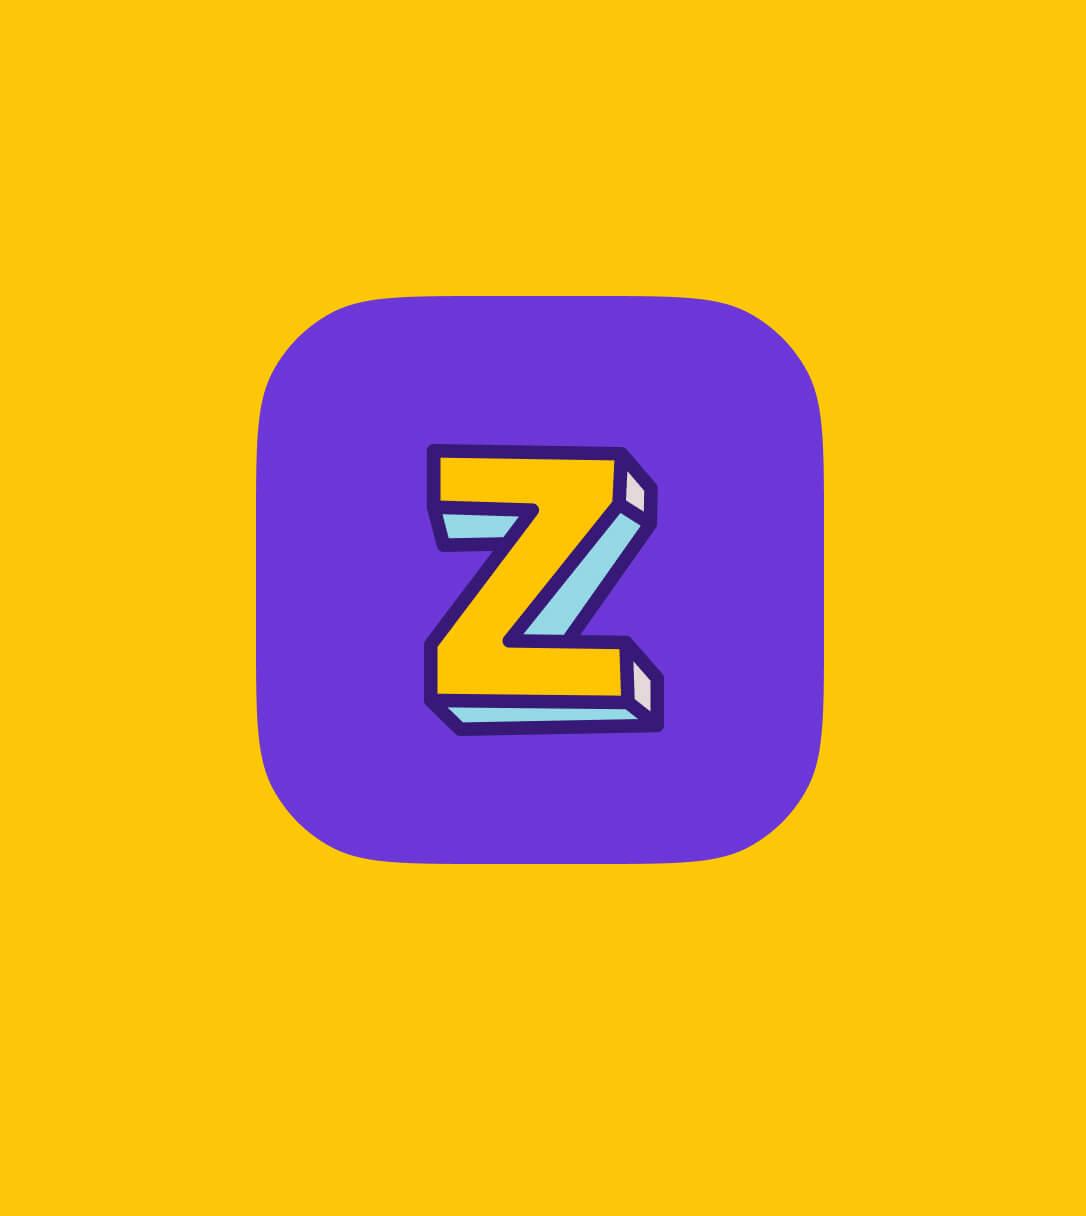 ZipSchool Graphic 1 - Logo